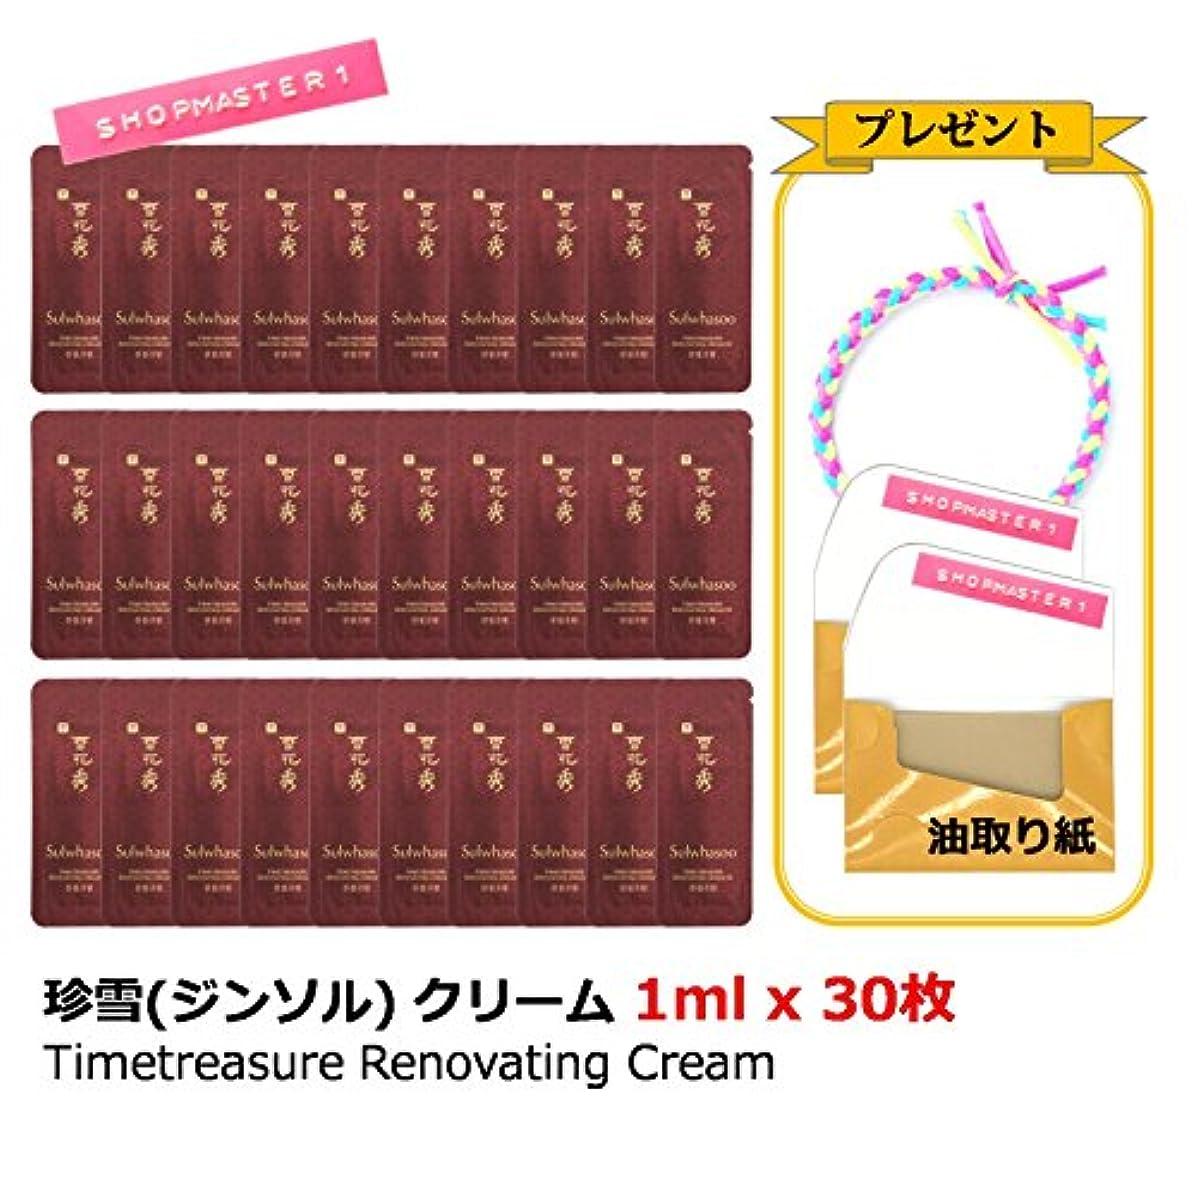 未払い四回辛い【Sulwhasoo ソルファス】珍雪(ジンソル) クリーム 1ml x 30枚 Timetreasure Renovating Cream/プレゼント 油取り紙 2個(30枚ずつ)、ヘアタイ/海外直配送